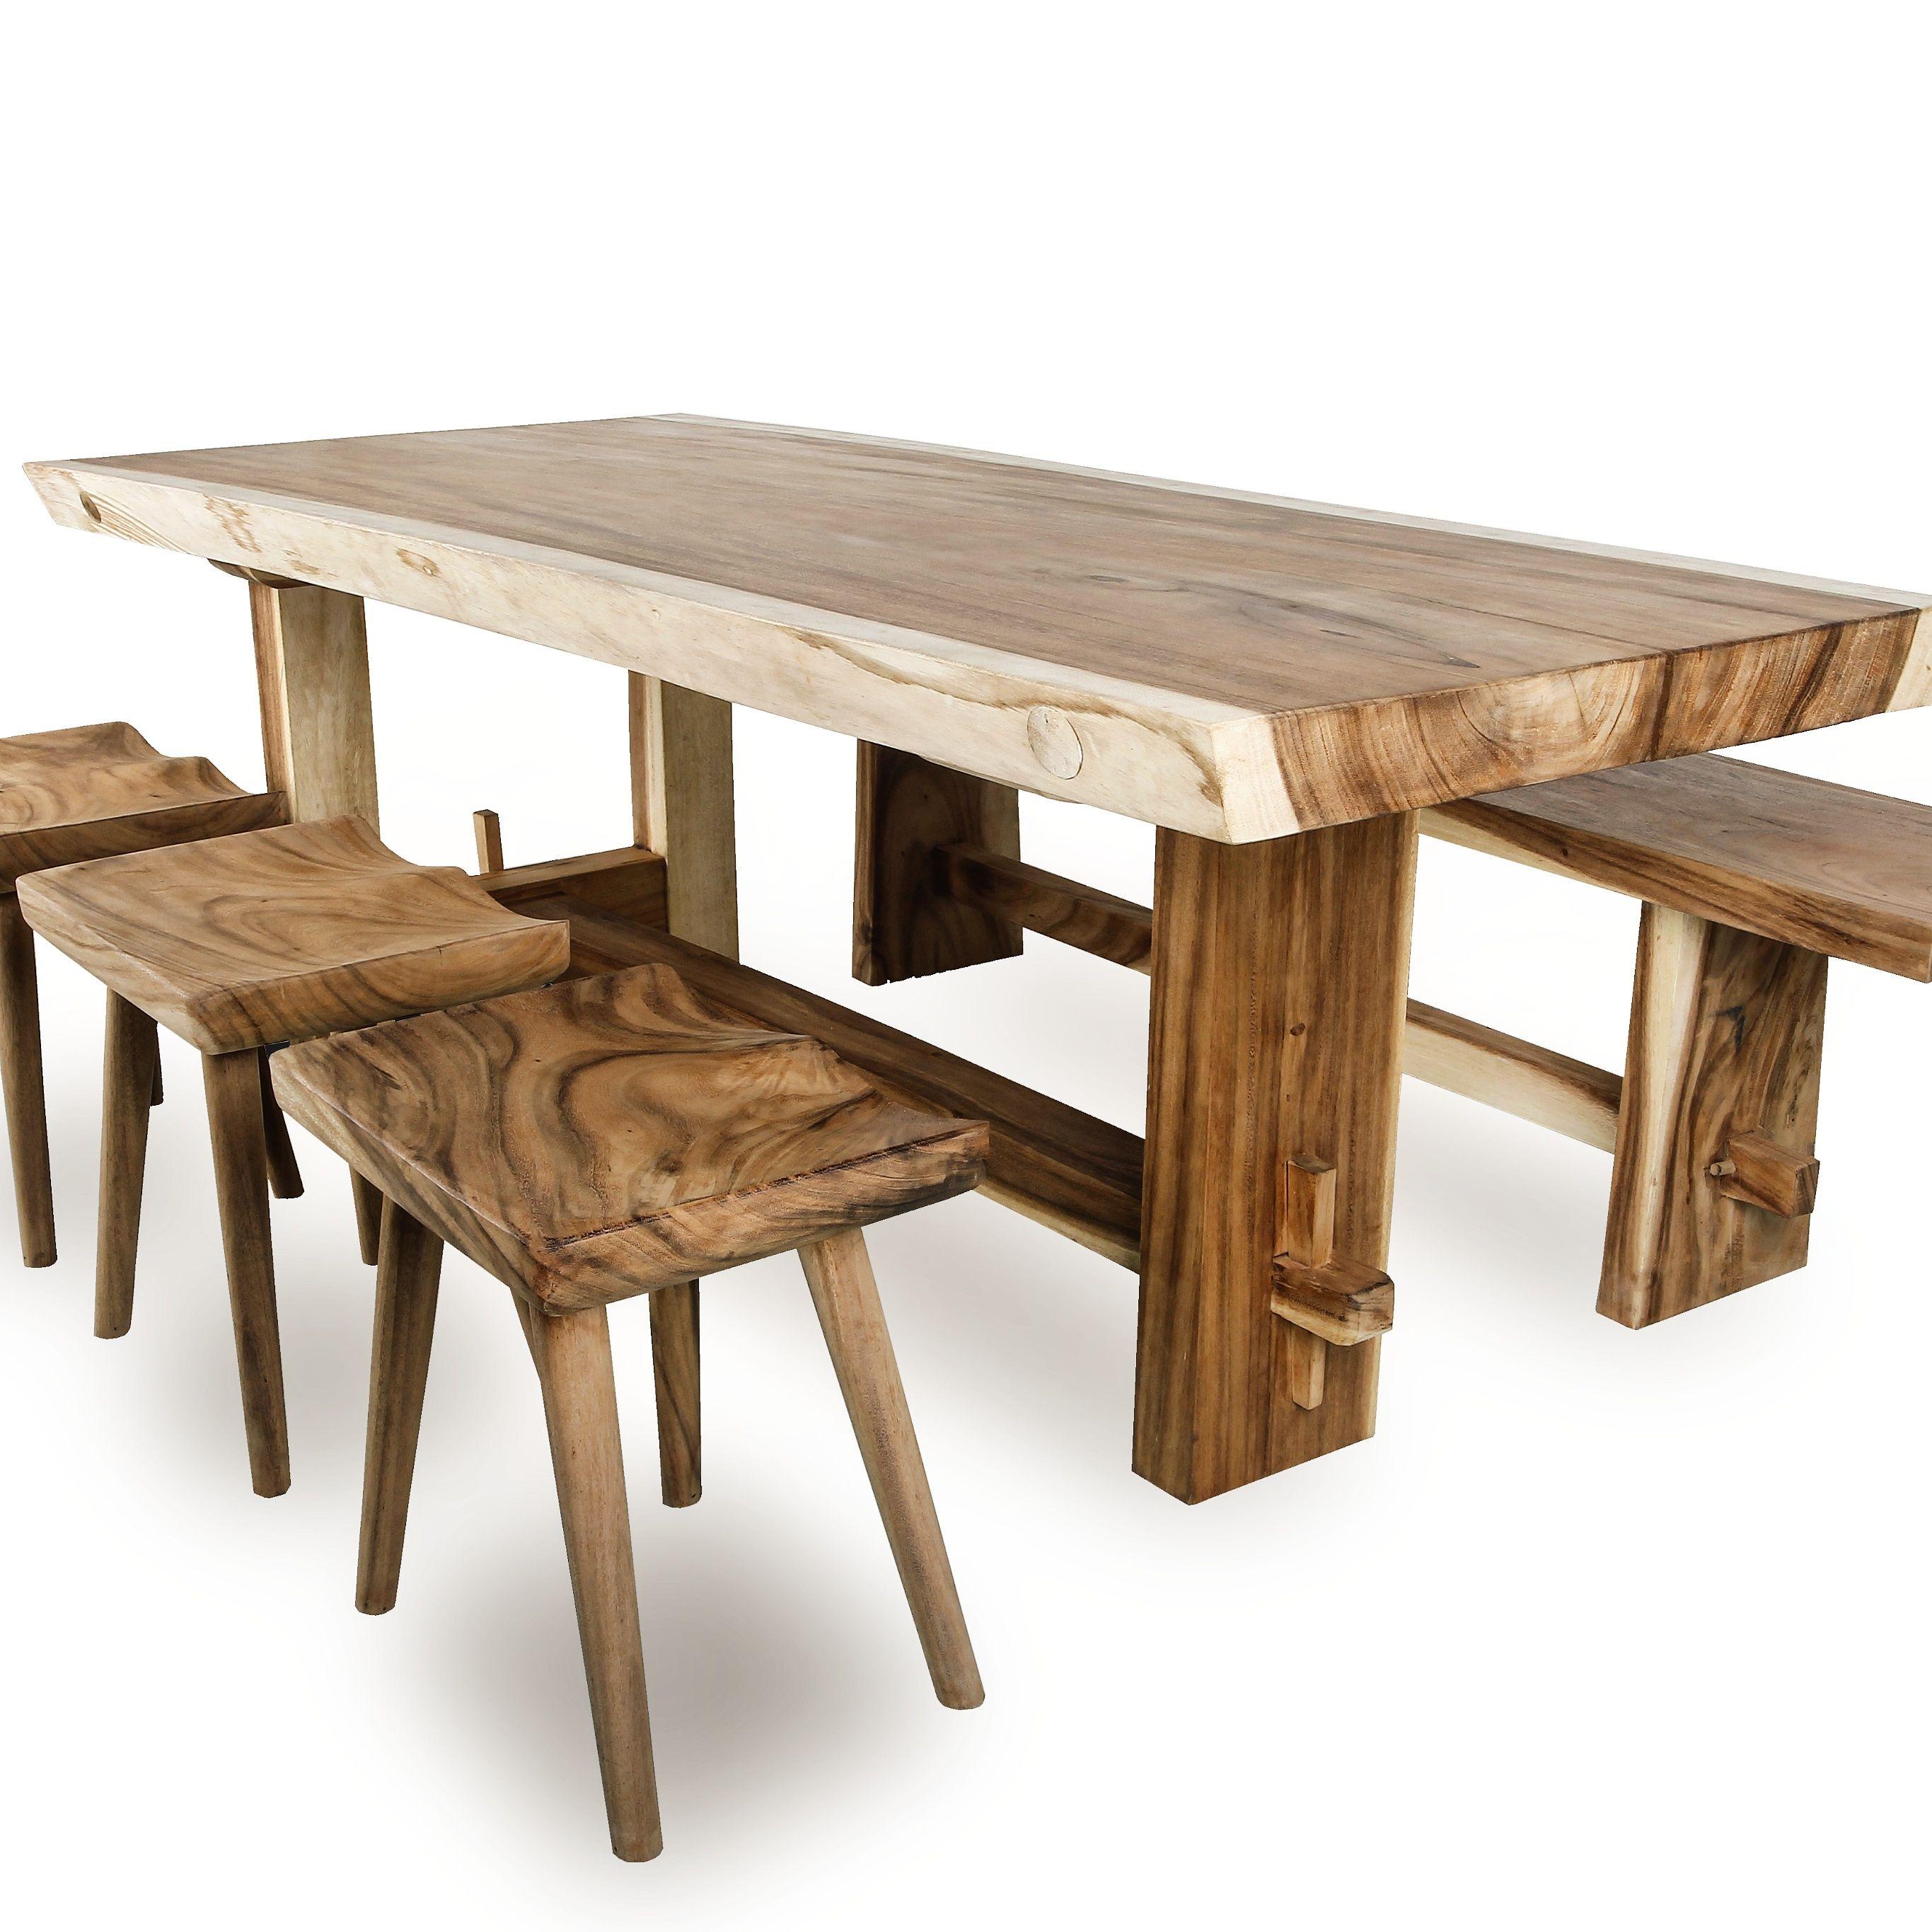 Wir verkaufen baumtisch massivholztisch suar und baumstamm tisch